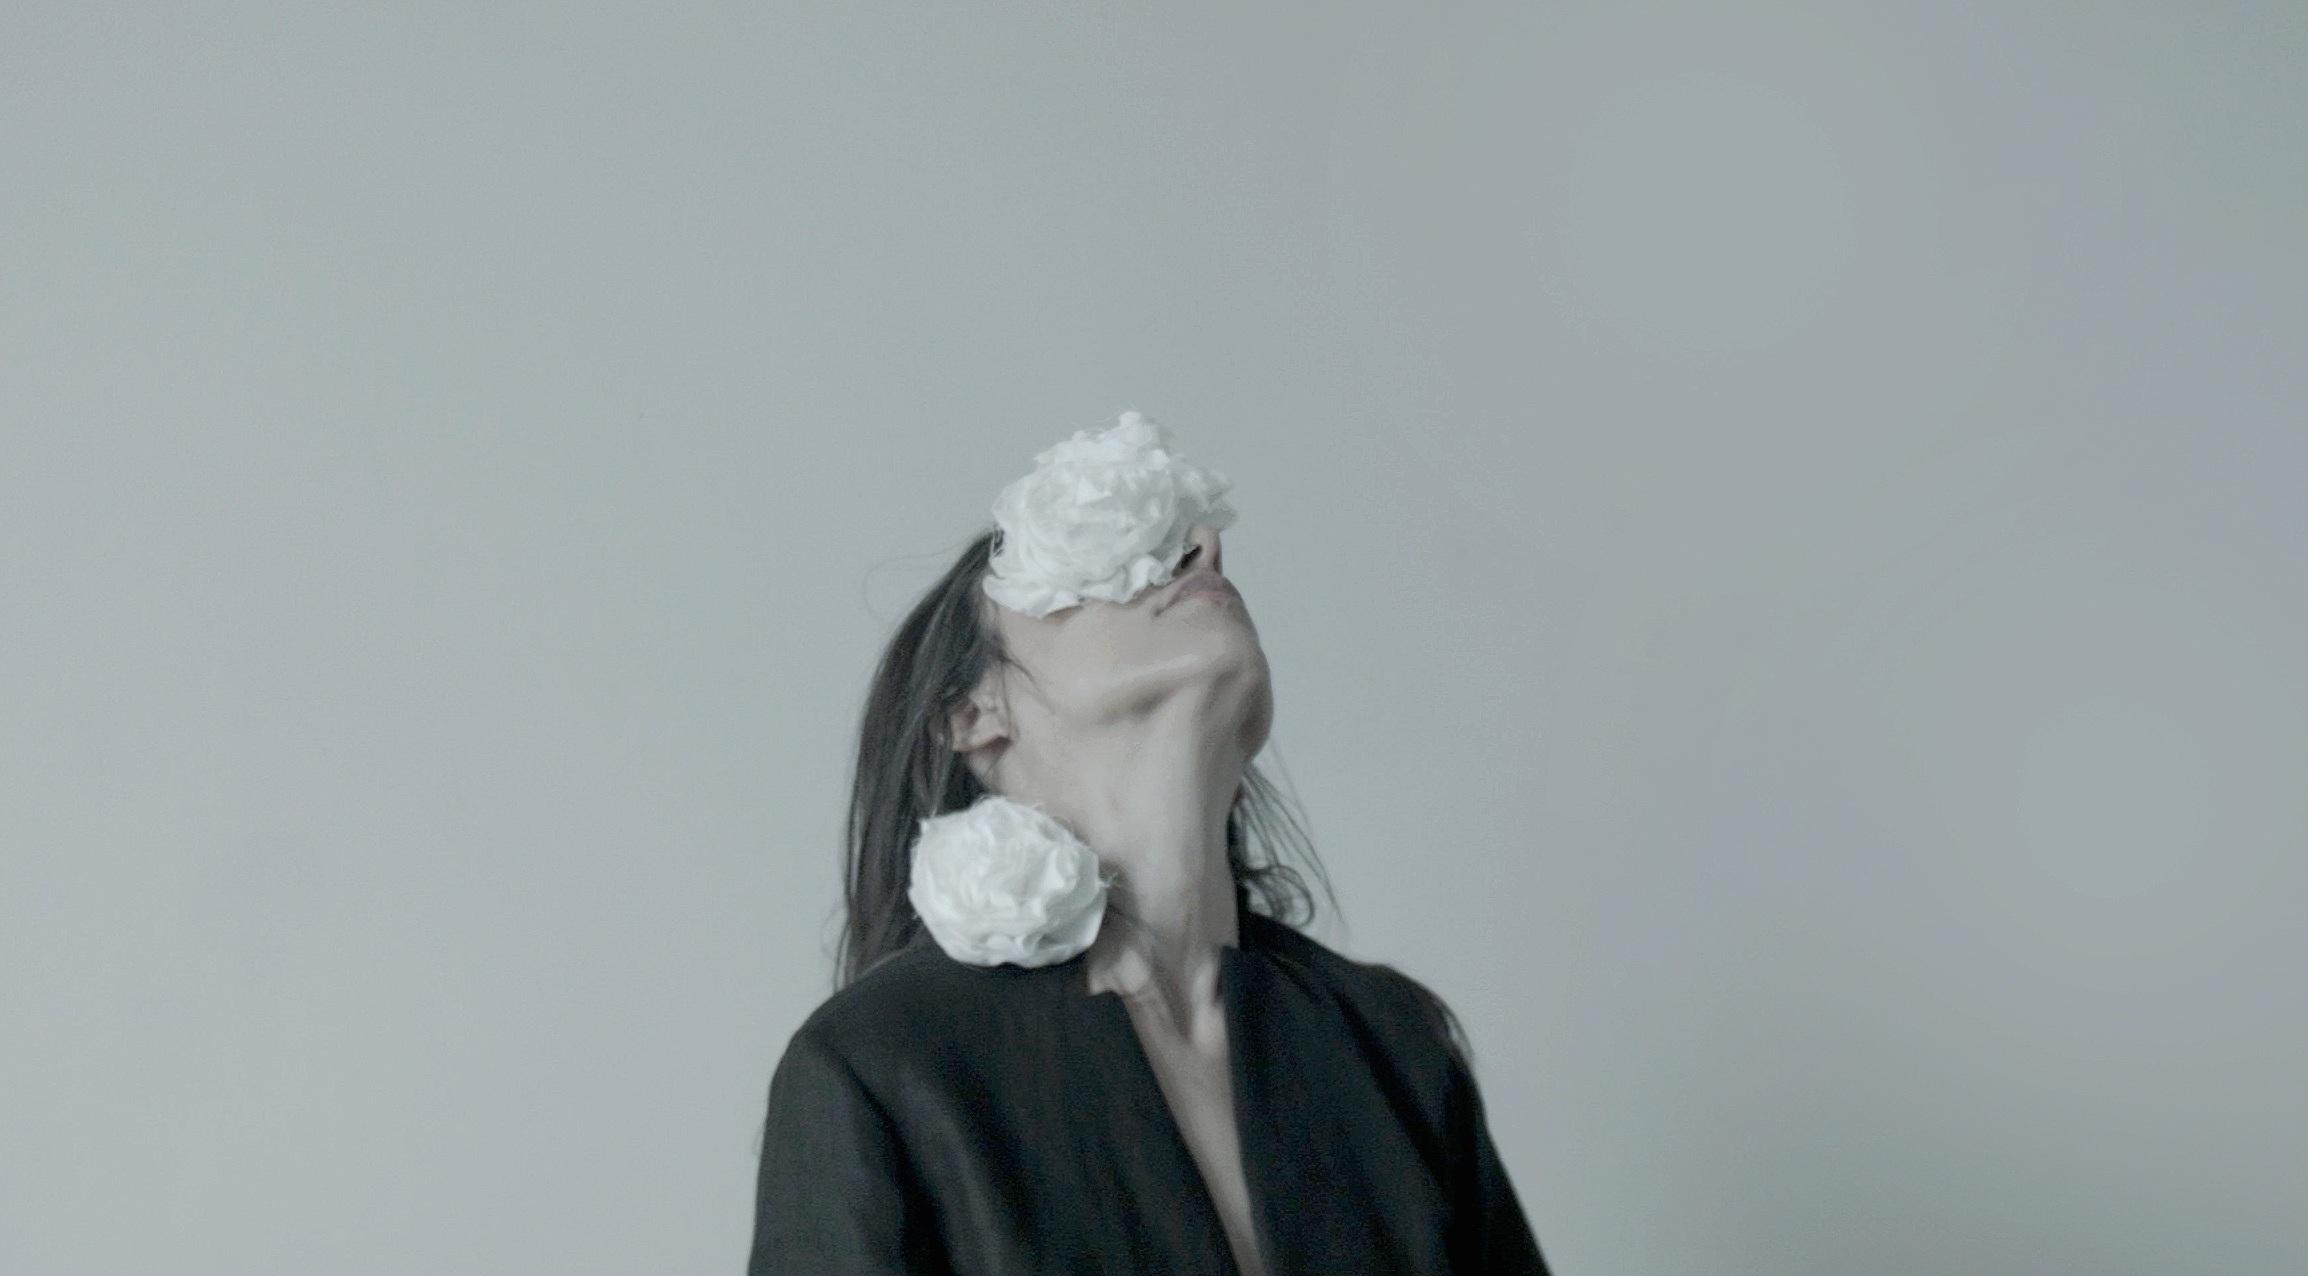 WATCH TERRA A short film by Unn for Atelier Kesa